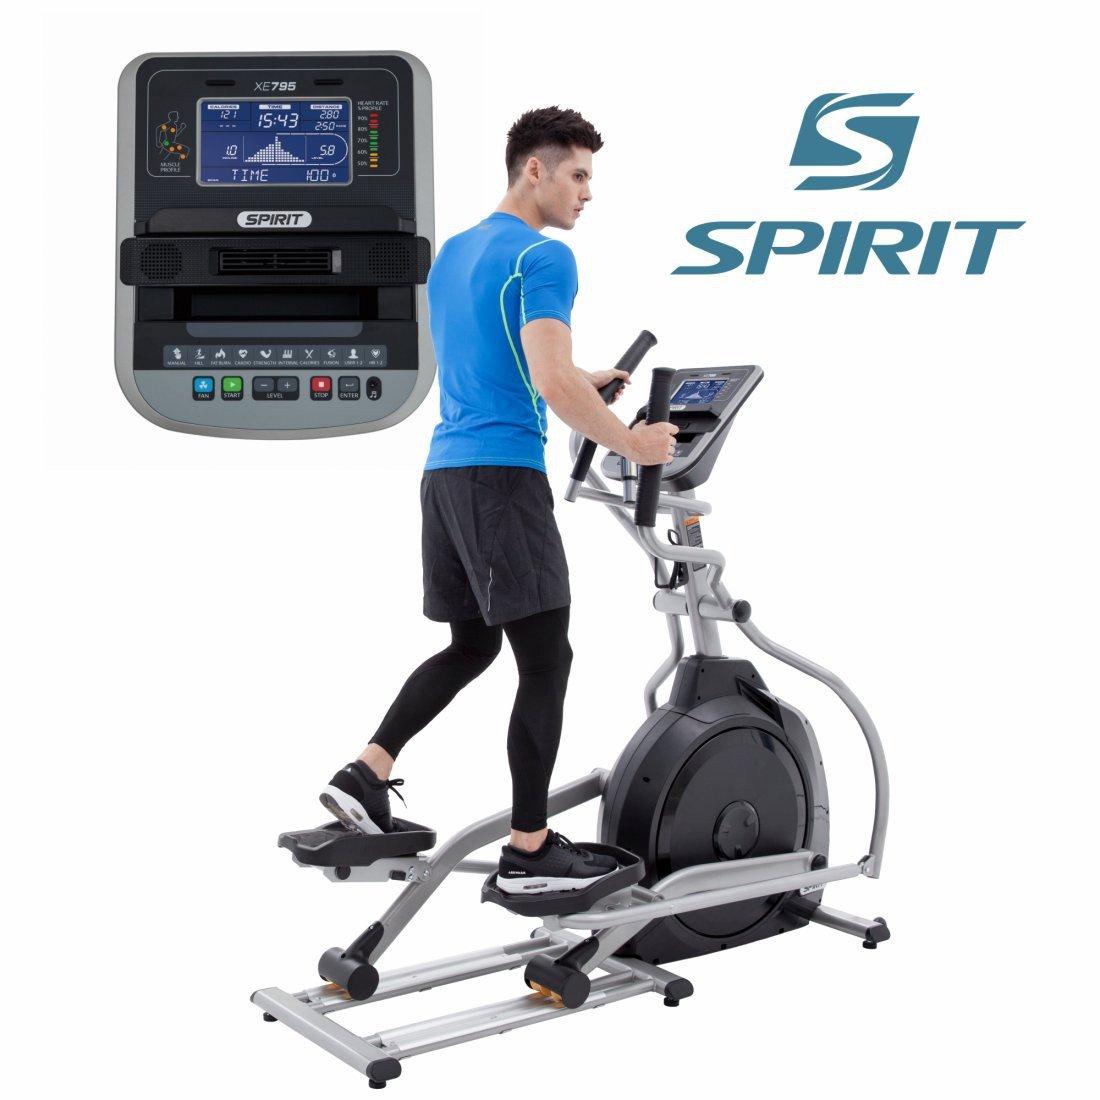 Spirit Profi Ellipsentrainer XE 795 Crosstrainer Heimtrainer Fitness Ergometer